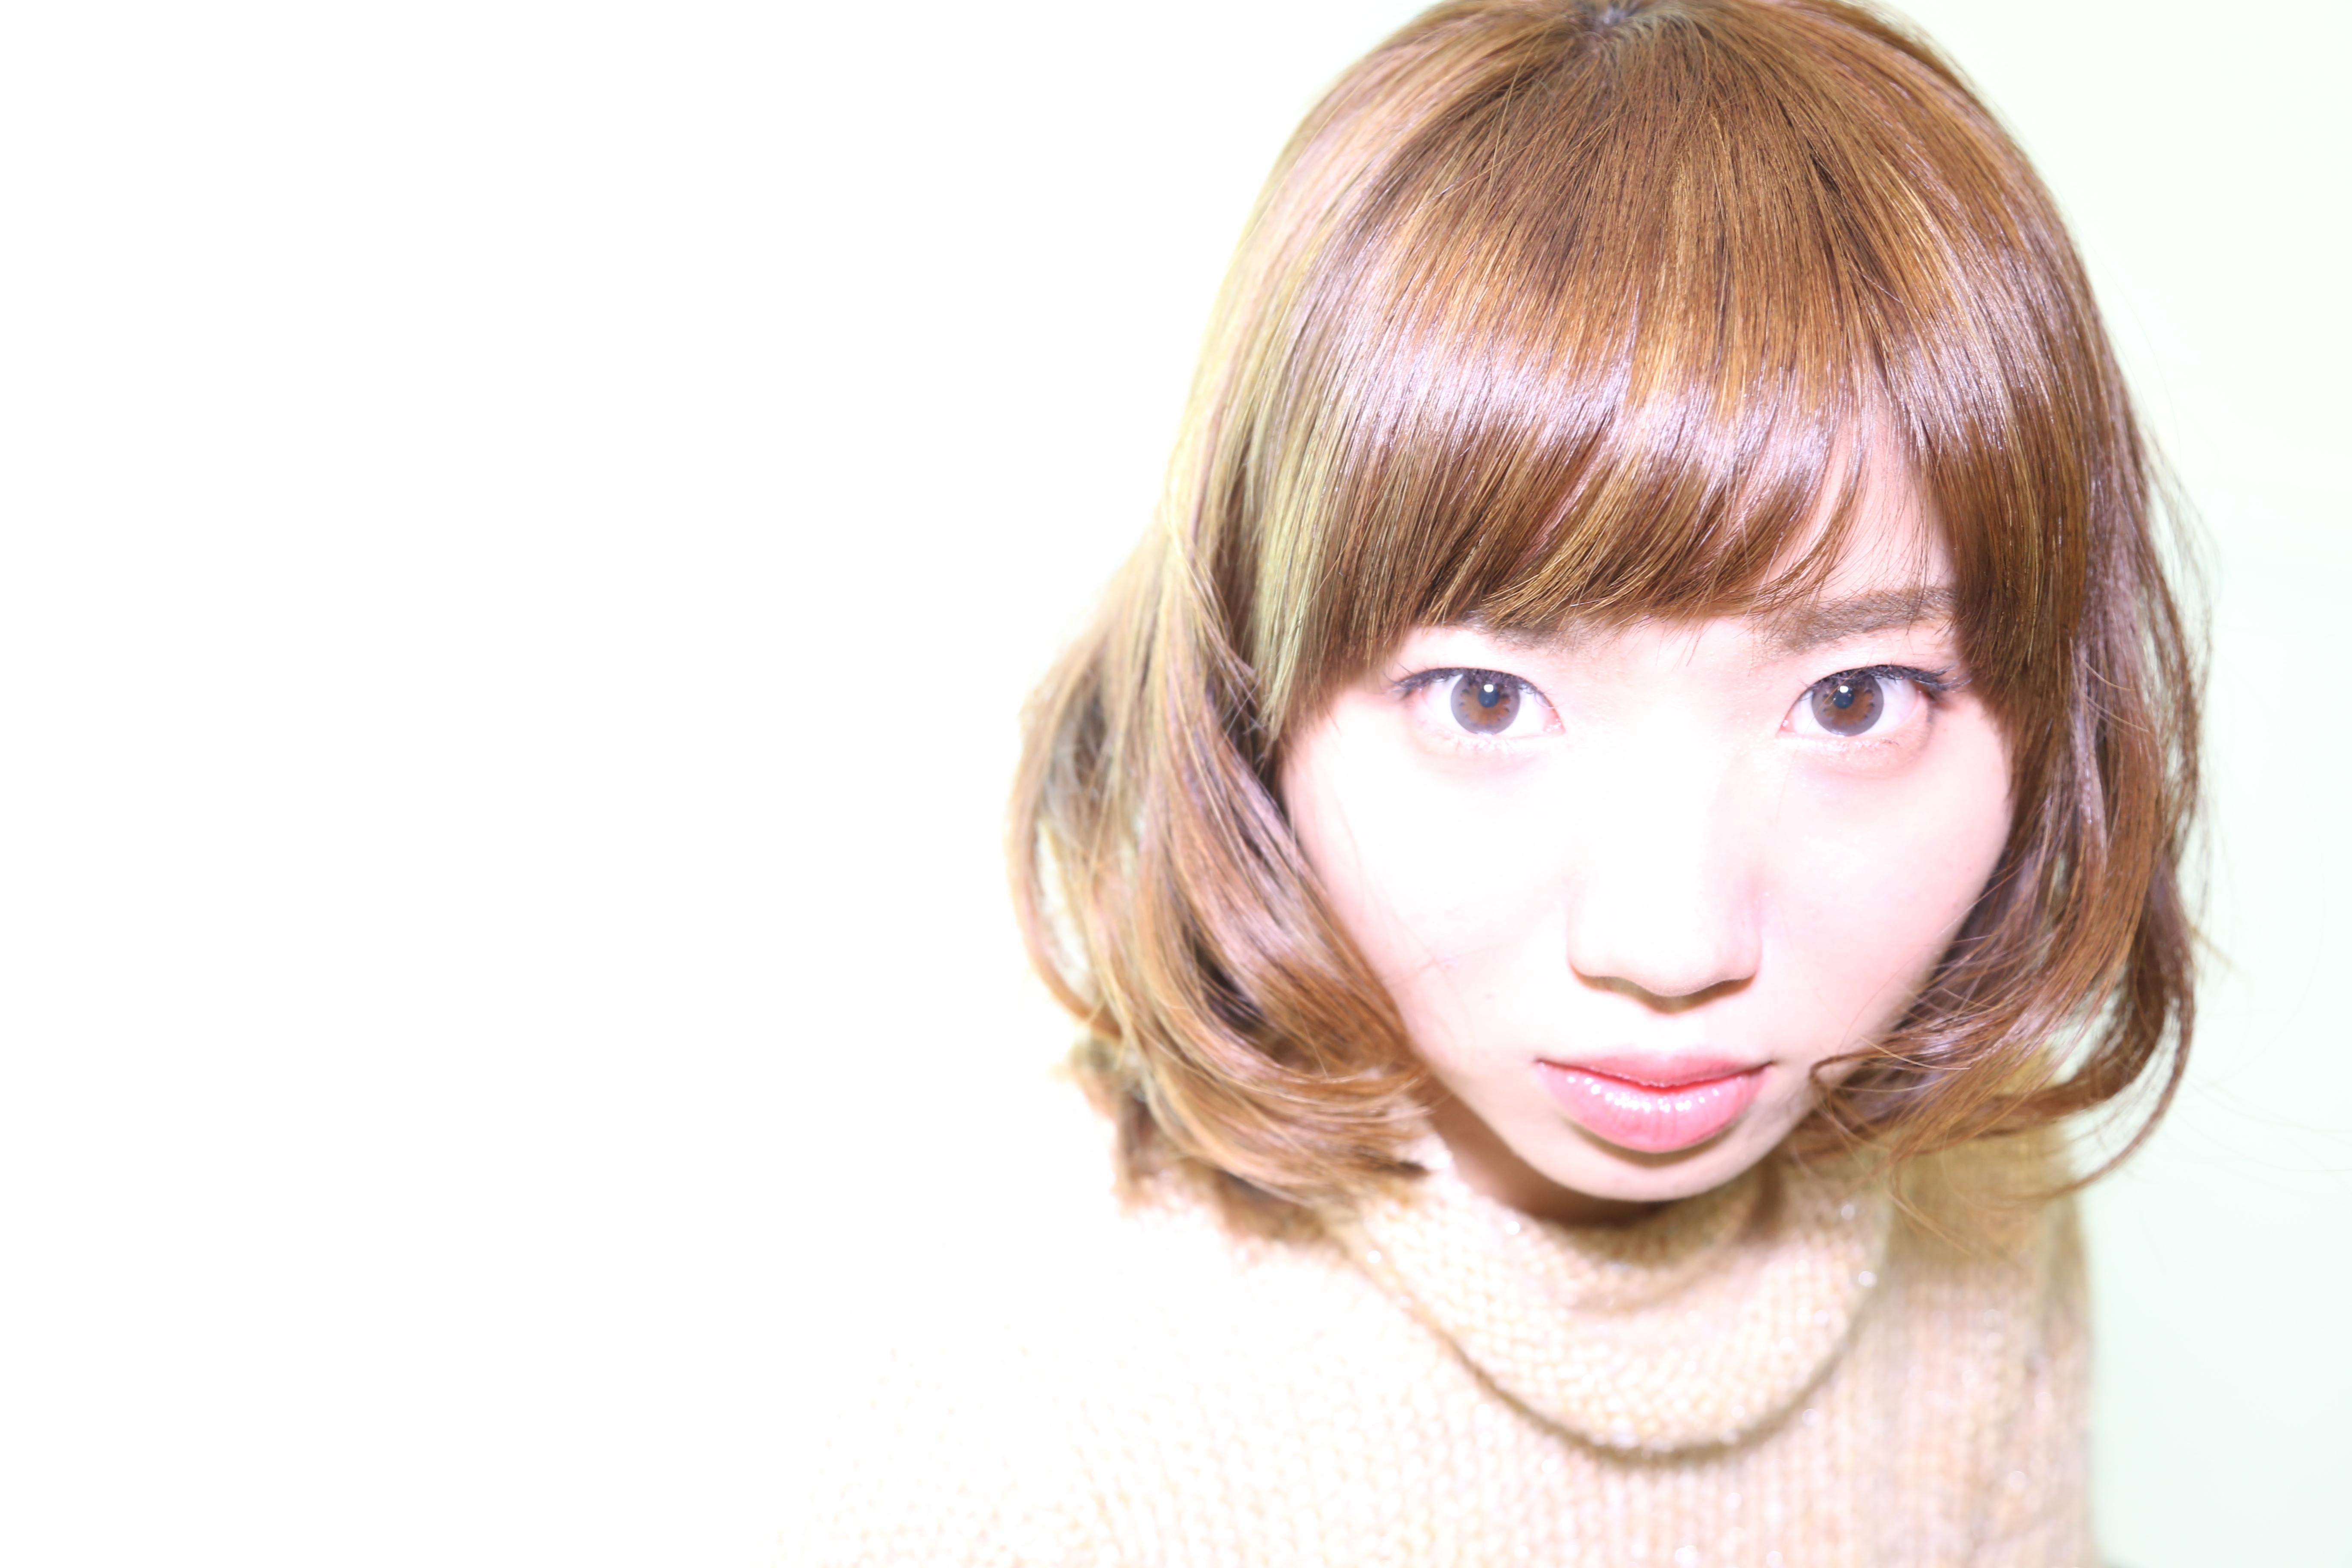 撮影 RE:MARUSAN HAIRの写真